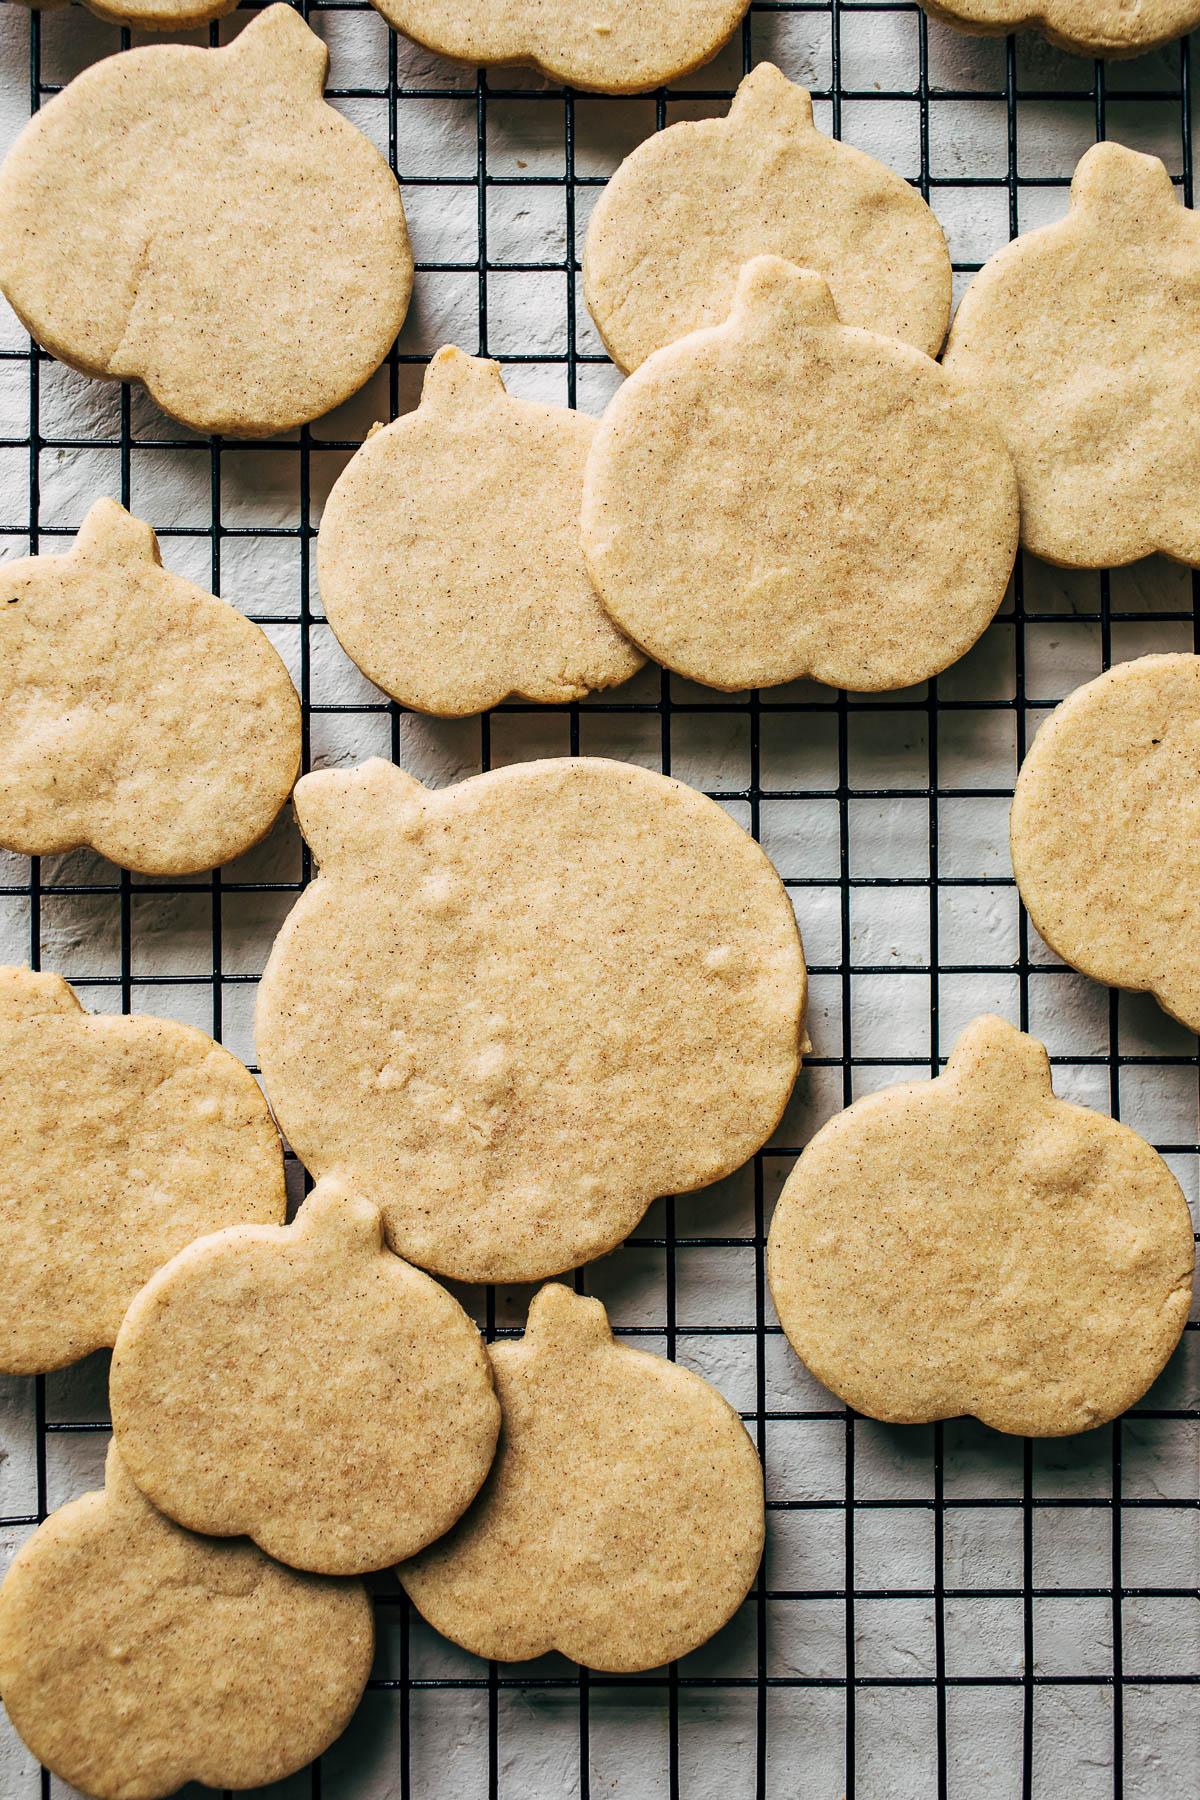 Cinnamon sugar cookies on a cooling rack.